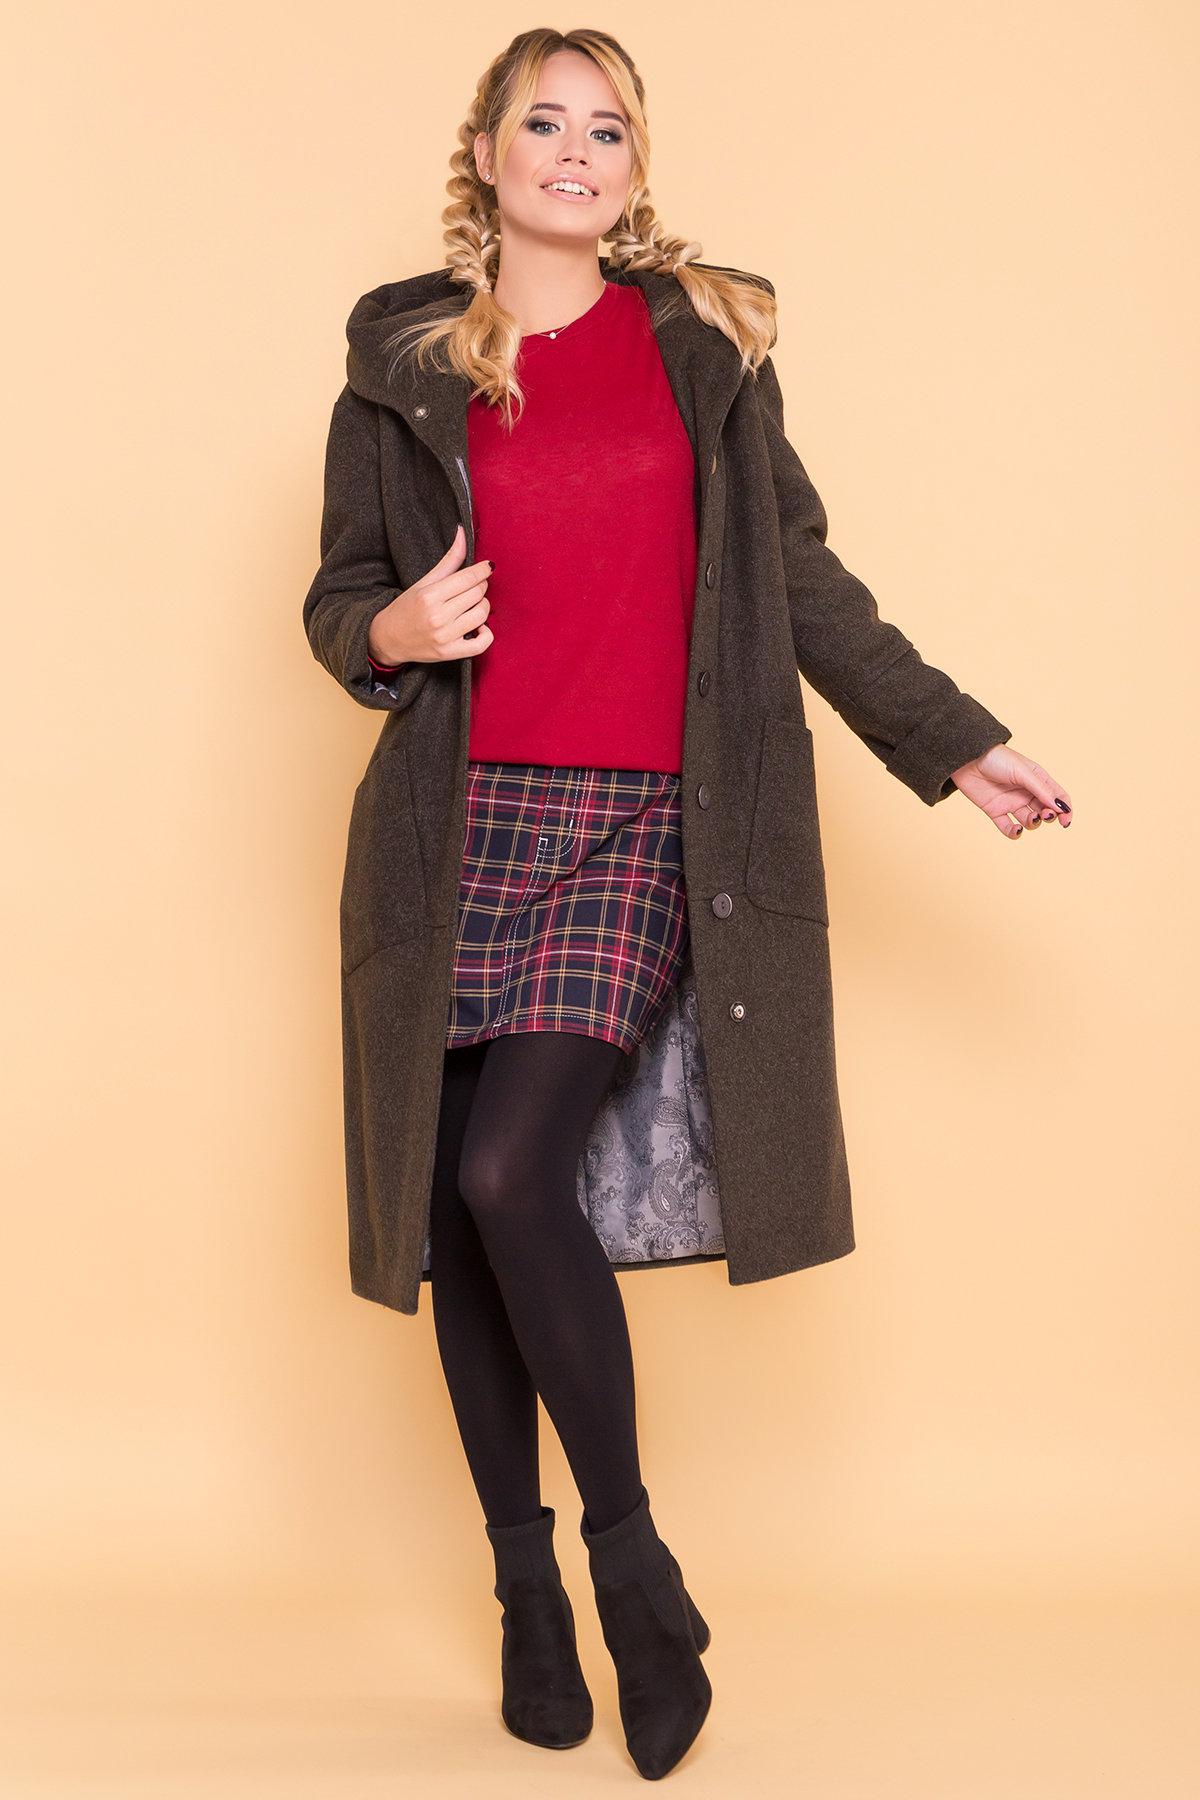 Теплое зимнее пальто Анита 4122 АРТ. 39666 Цвет: Хаки 16 - фото 3, интернет магазин tm-modus.ru